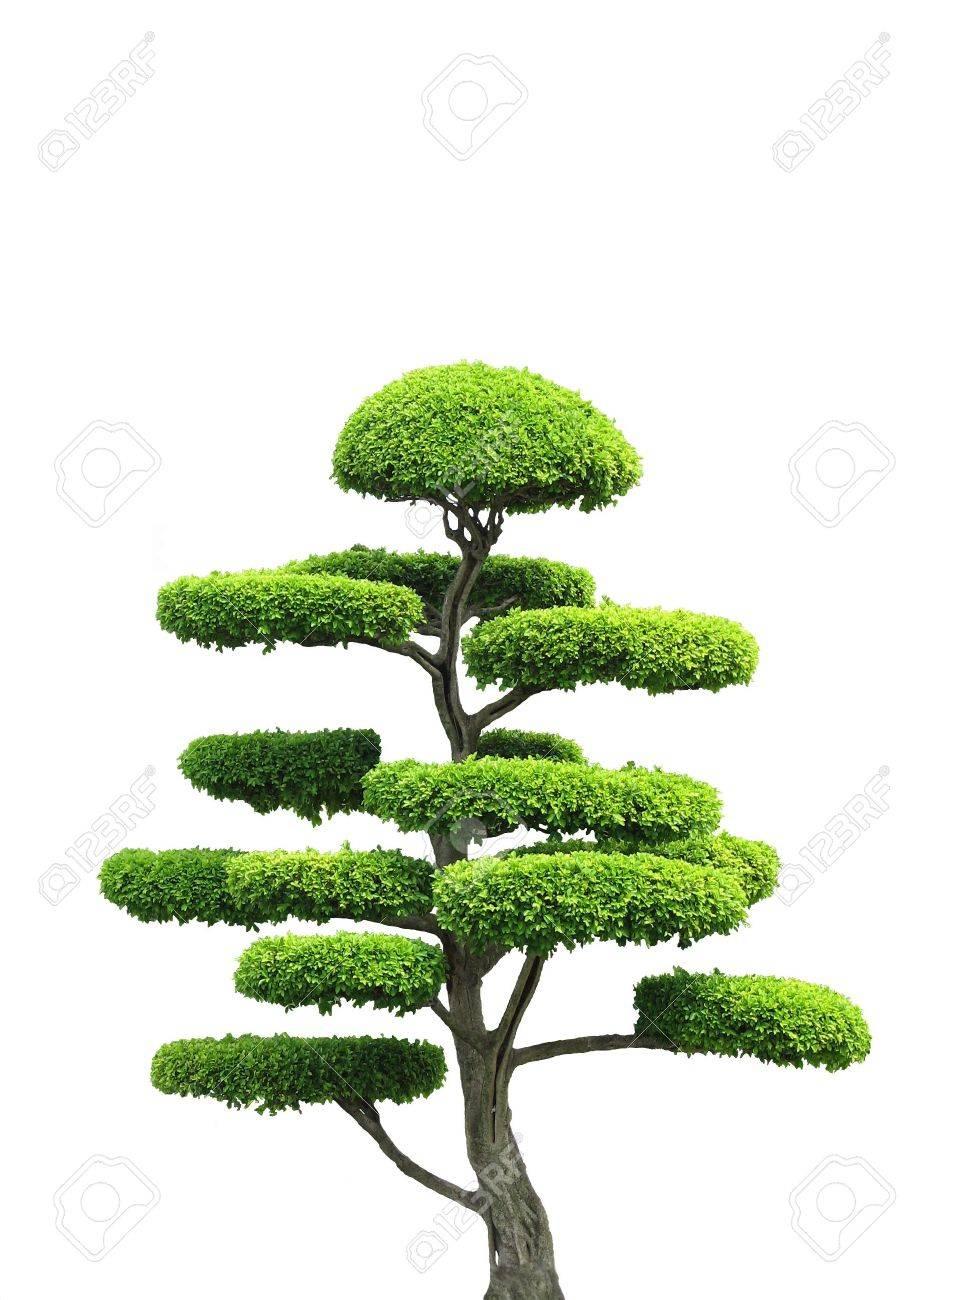 Un style asian arbre d'ornement dans l'isolement. Banque d'images - 2322683